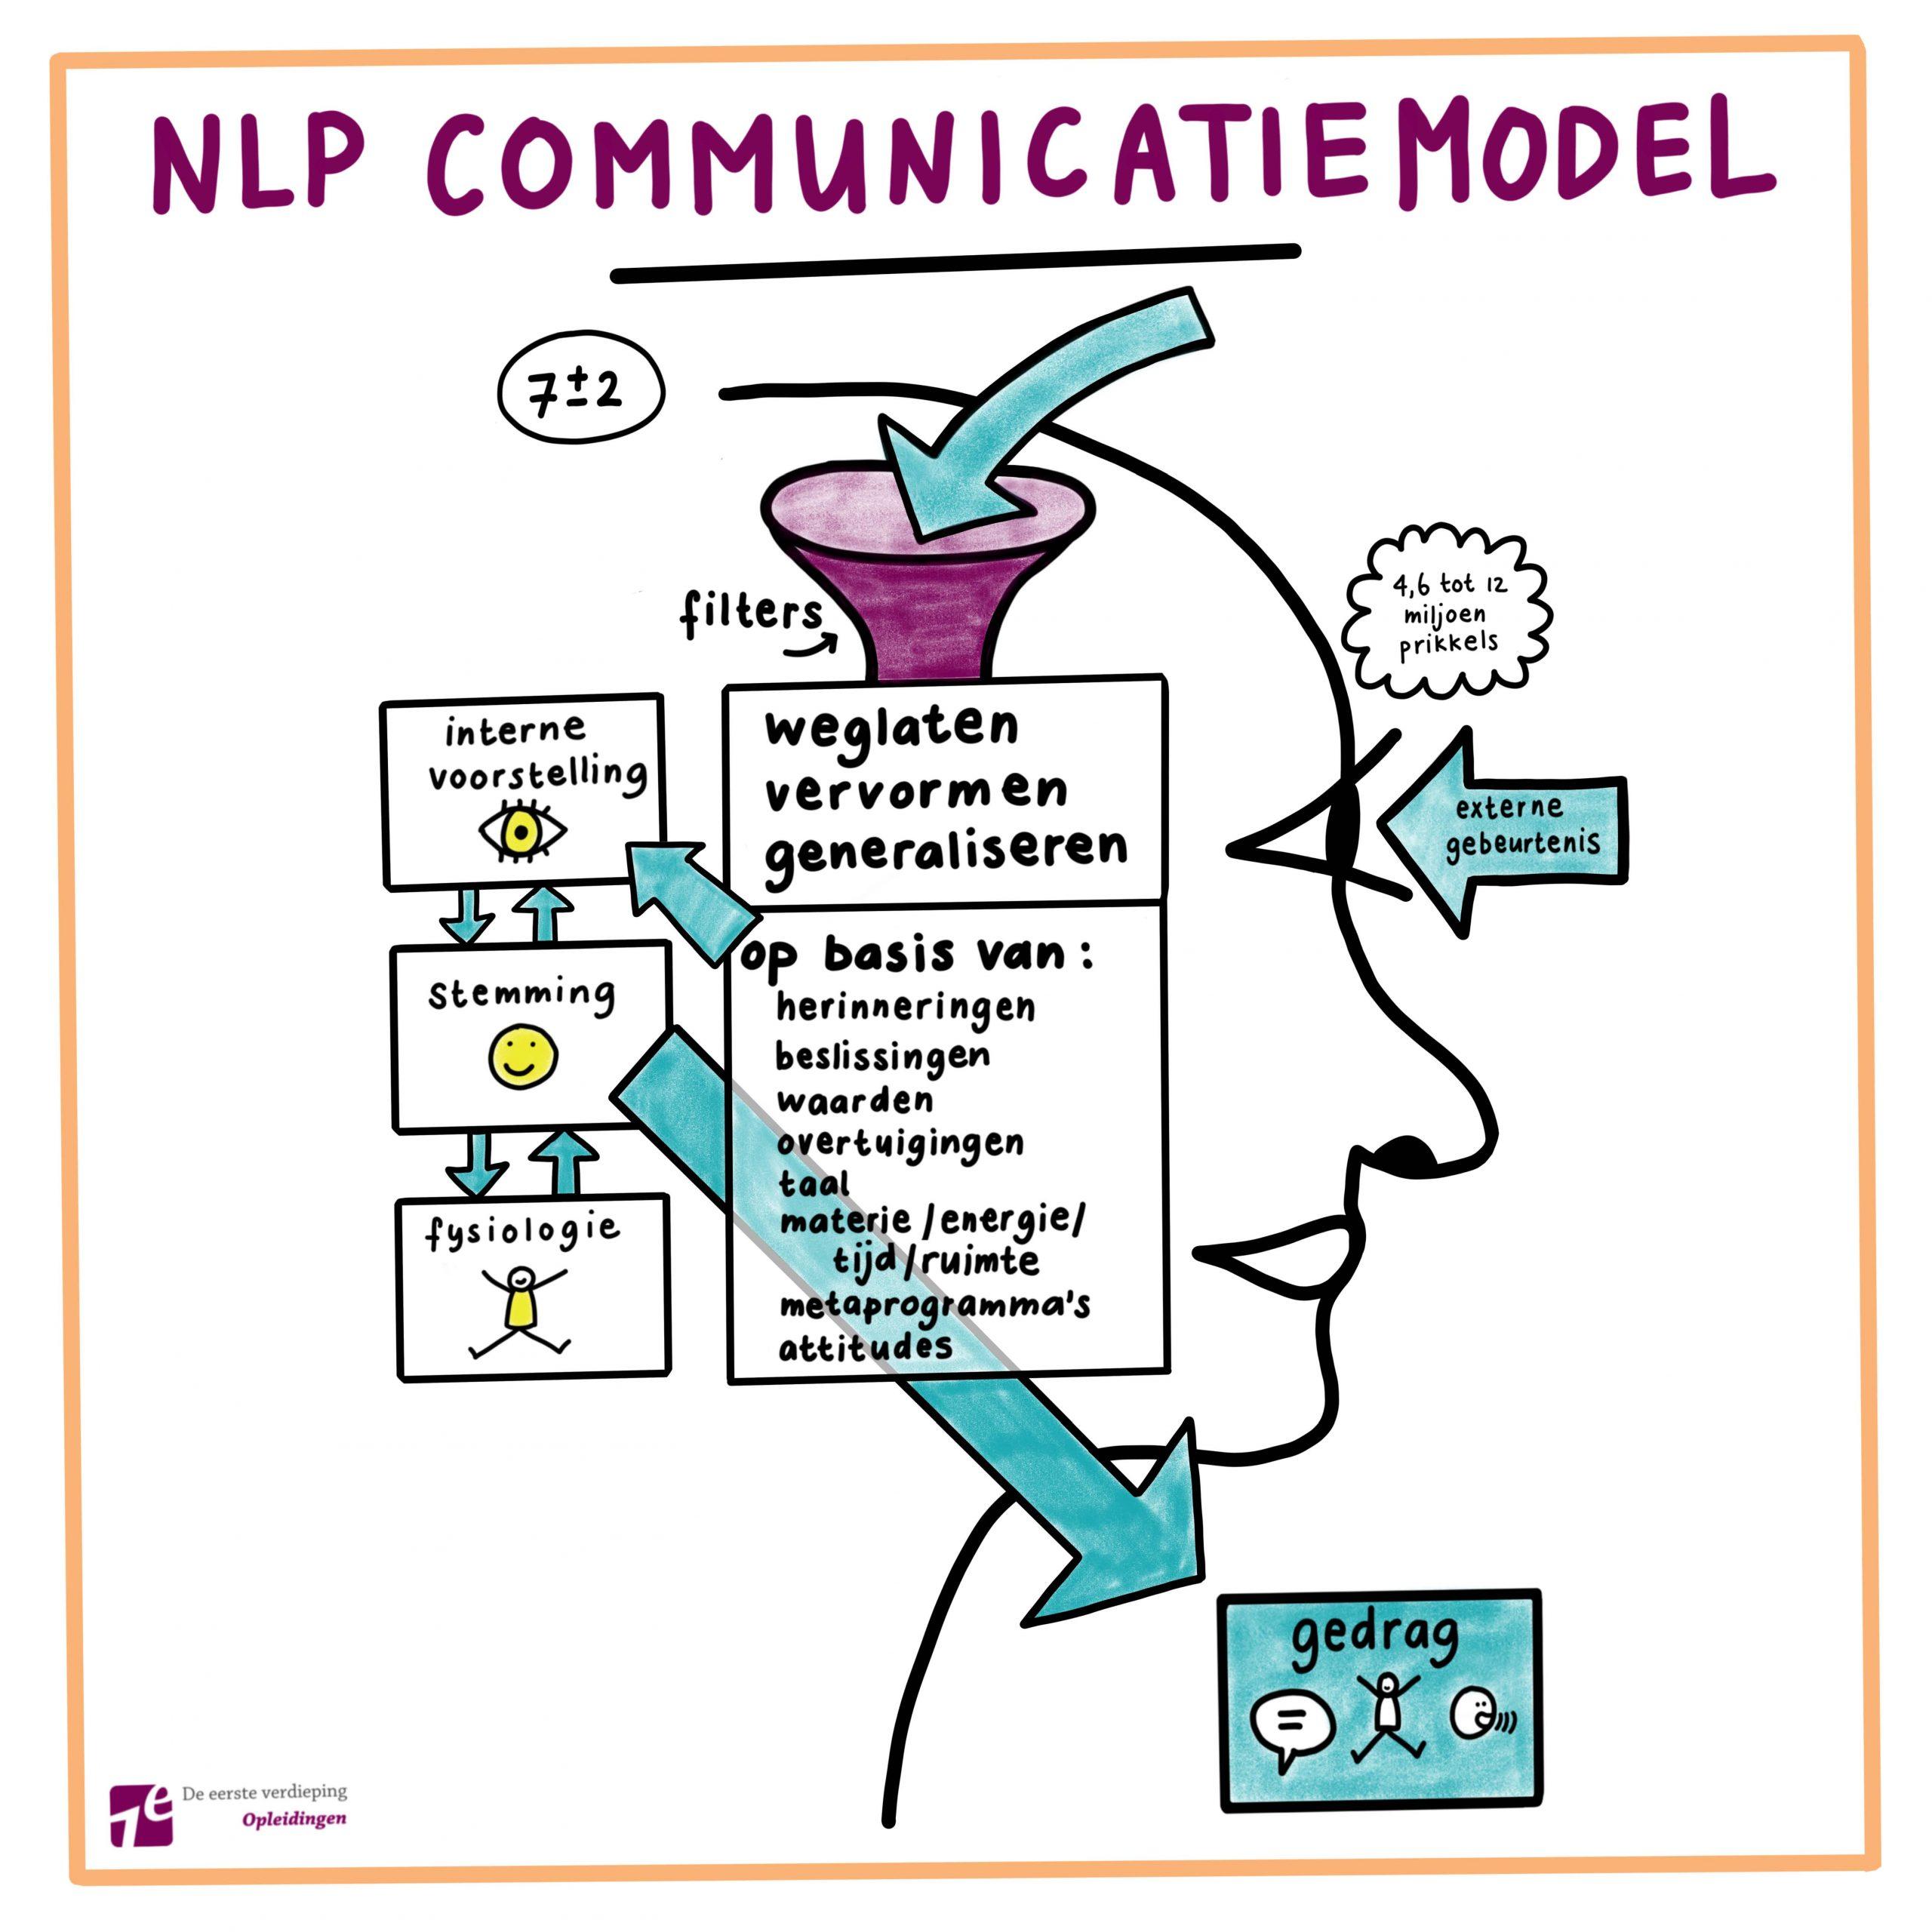 NLP en metaprogramma's